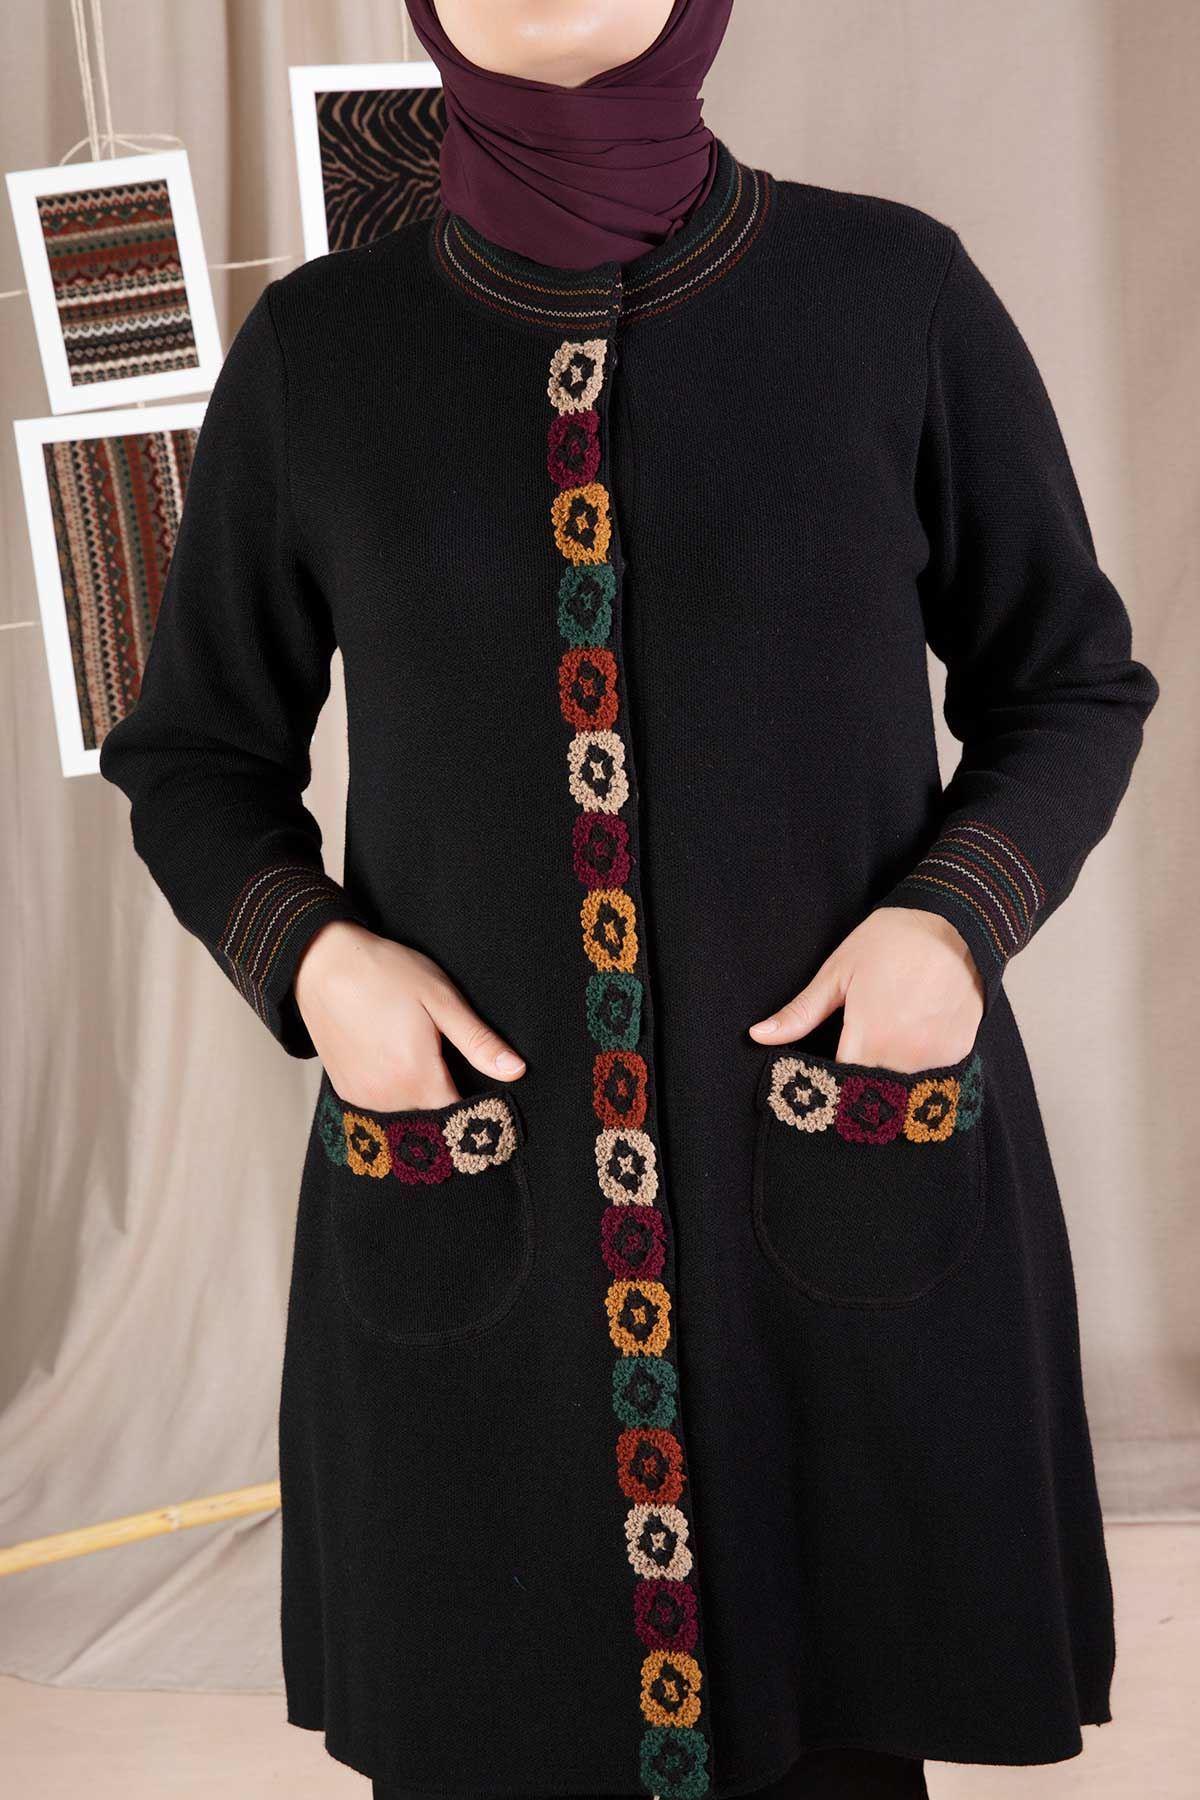 Büyük Beden Tesettür Triko Ceket Siyah 9203